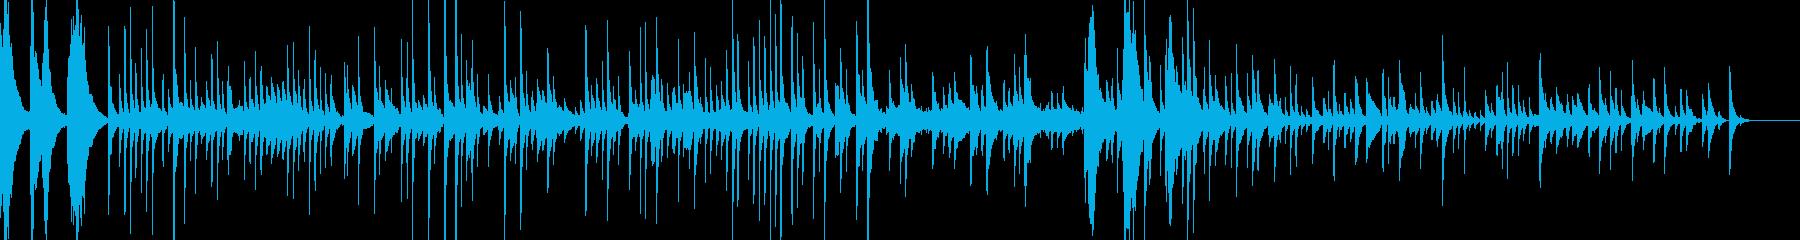 和風、スローテンポの琴BGMの再生済みの波形